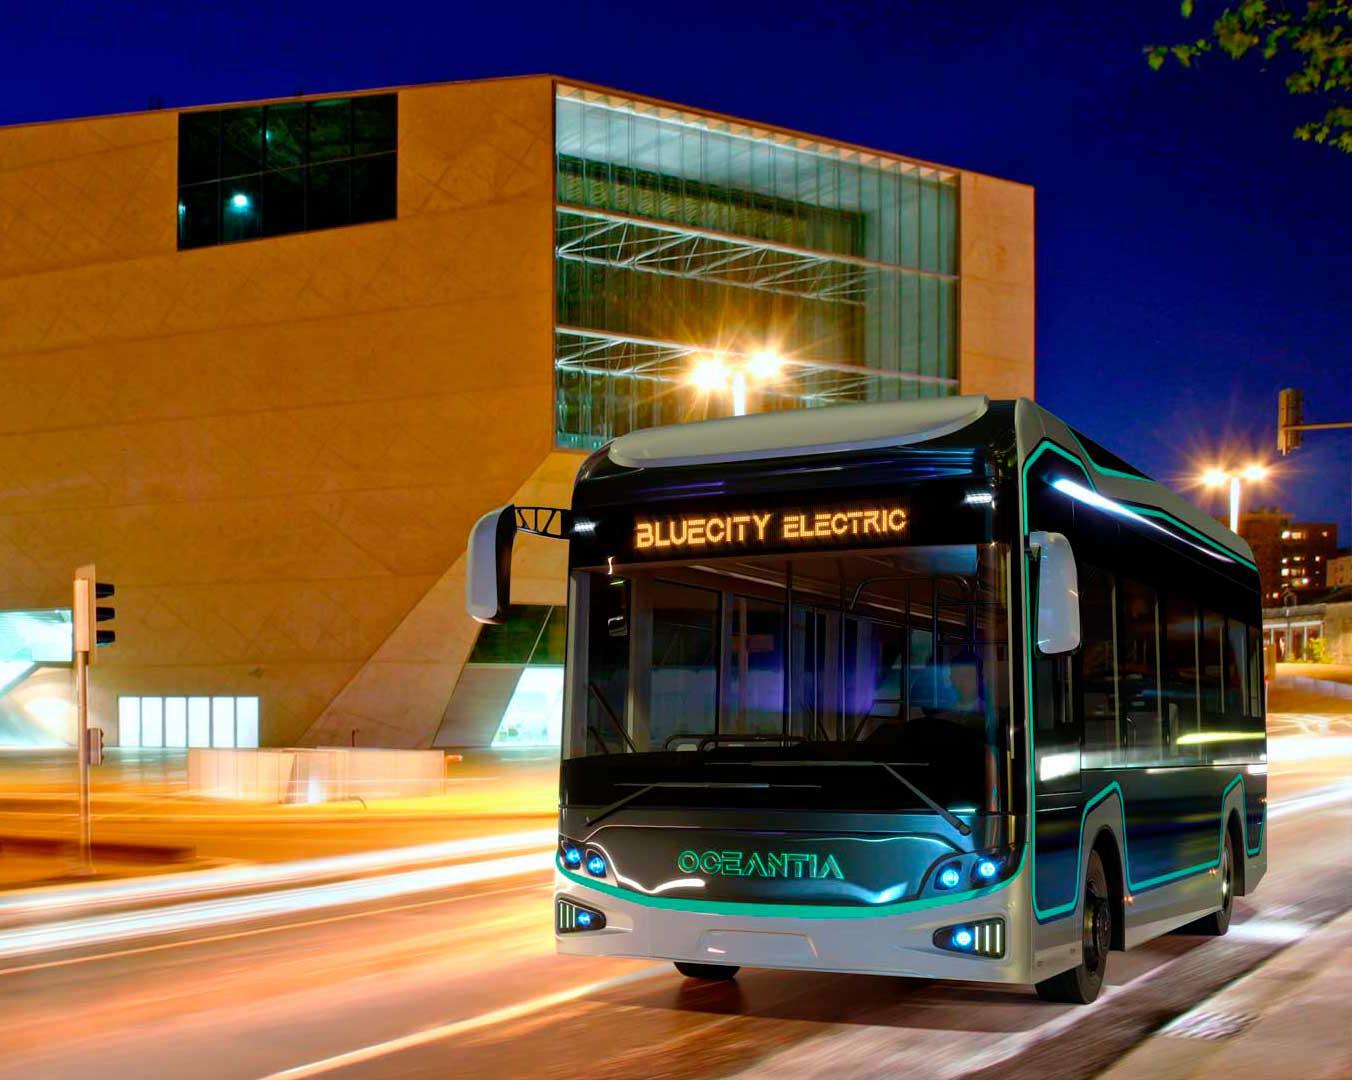 Novo Design Moderno 100% Autocarro Elétrico - BlueCity Electric